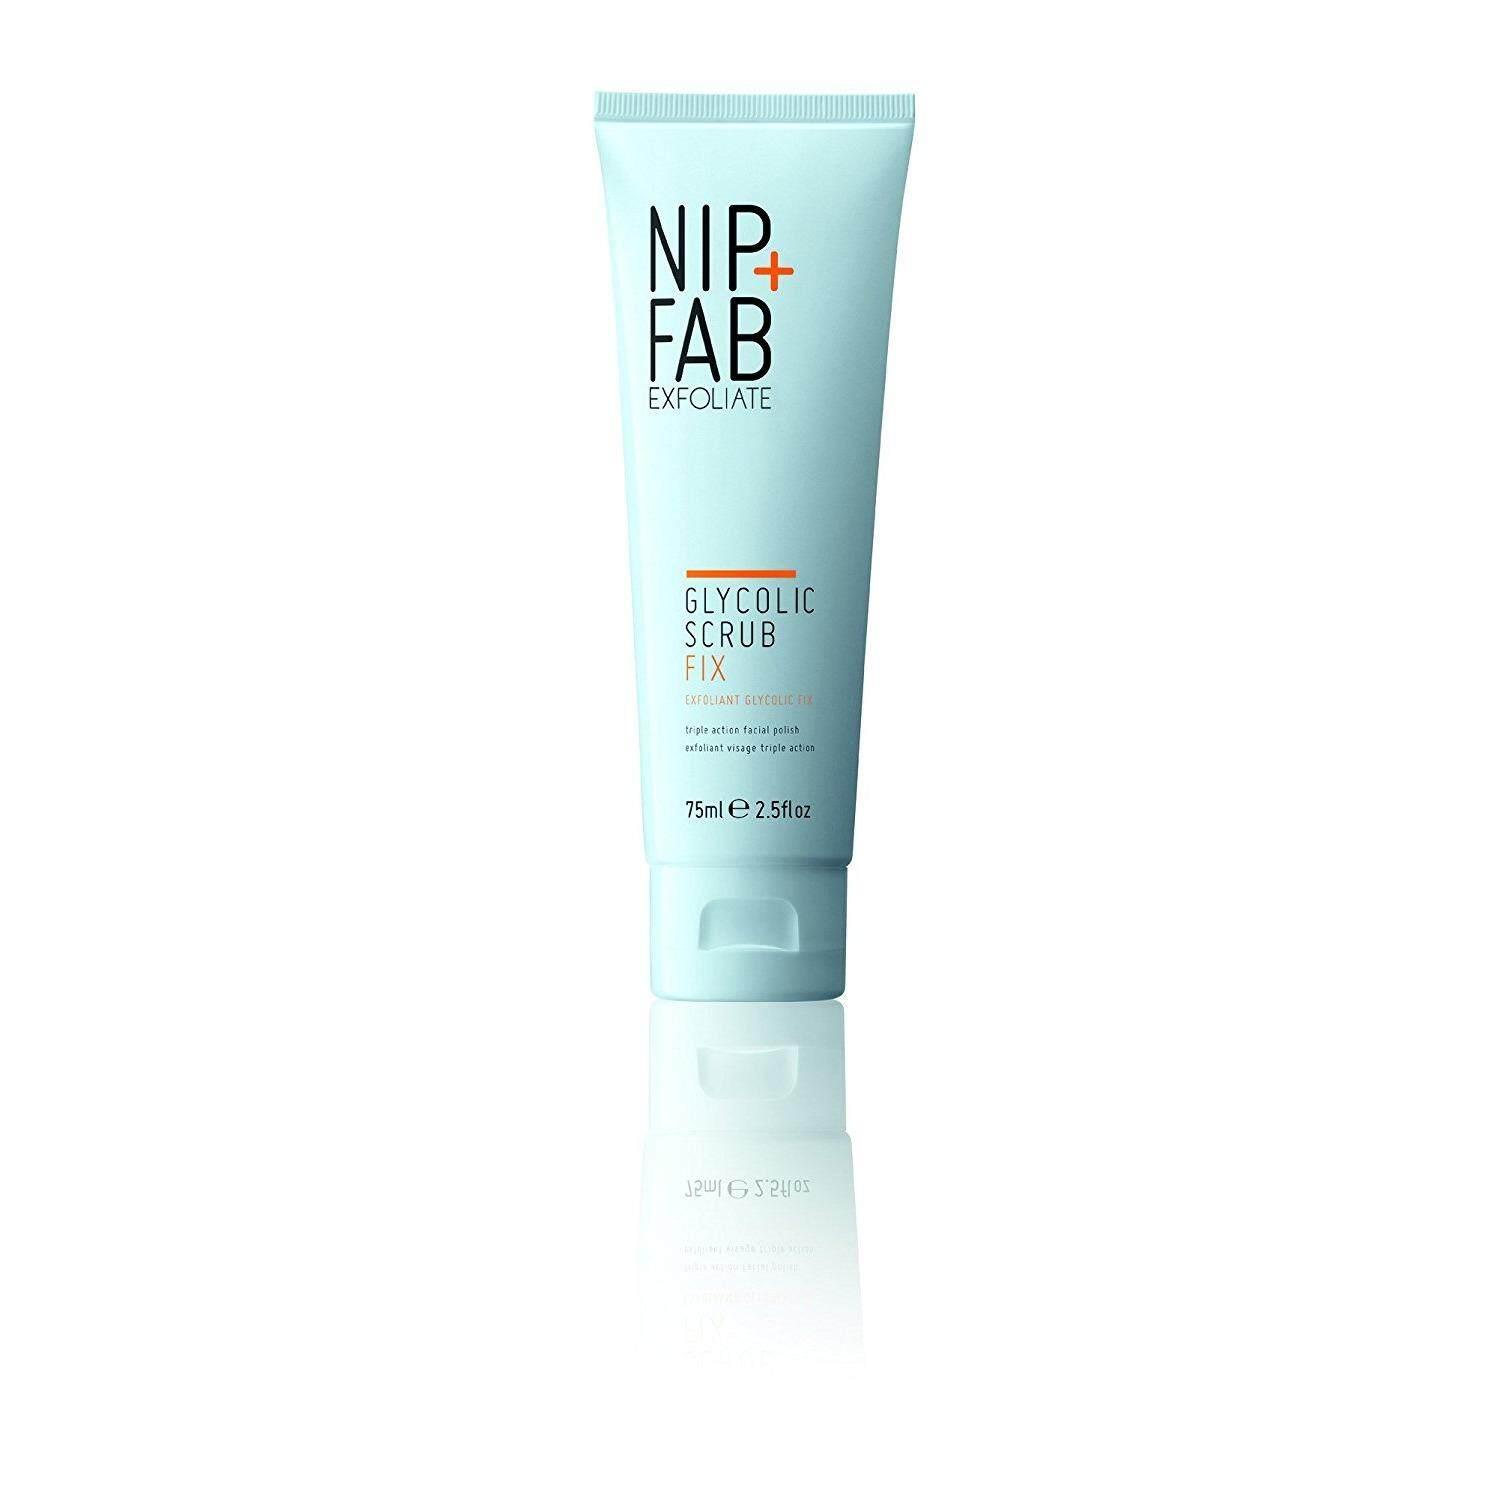 NIP+FAB Glycolic Scrub Fix 75 ml